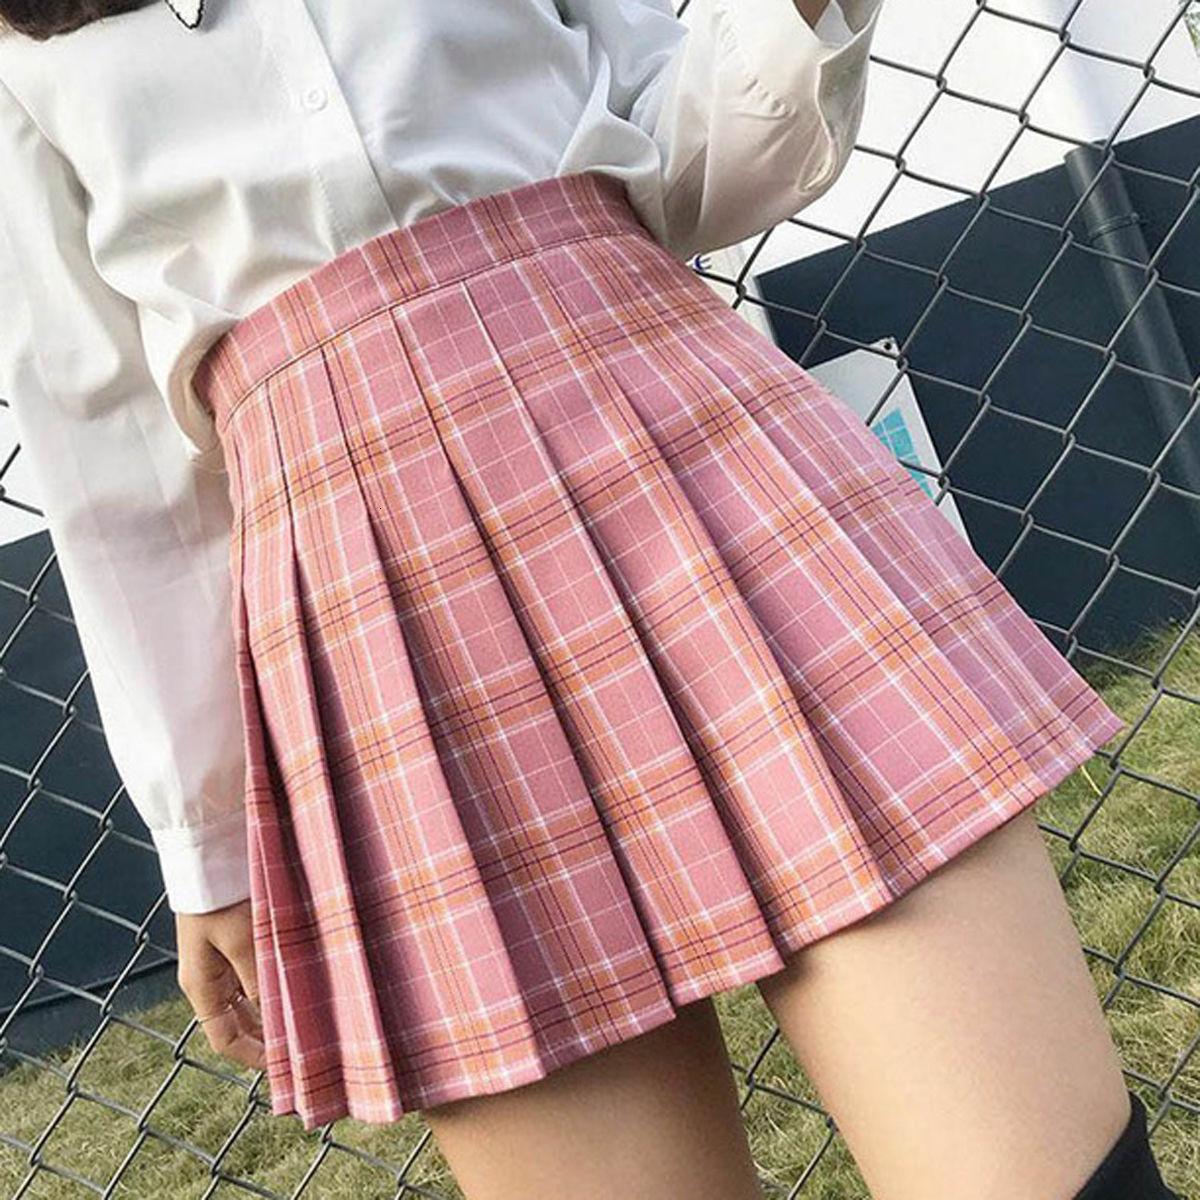 Phụ Nữ Mùa Hè Đáy Kẻ Sọc Hồng Mini Femme Cao Cấp Xếp Ly Váy Dành Cho Nữ Thể Thao Tập Váy Đồng Nhất Váy Quần Vợt Bán giỏi nhấthkjj